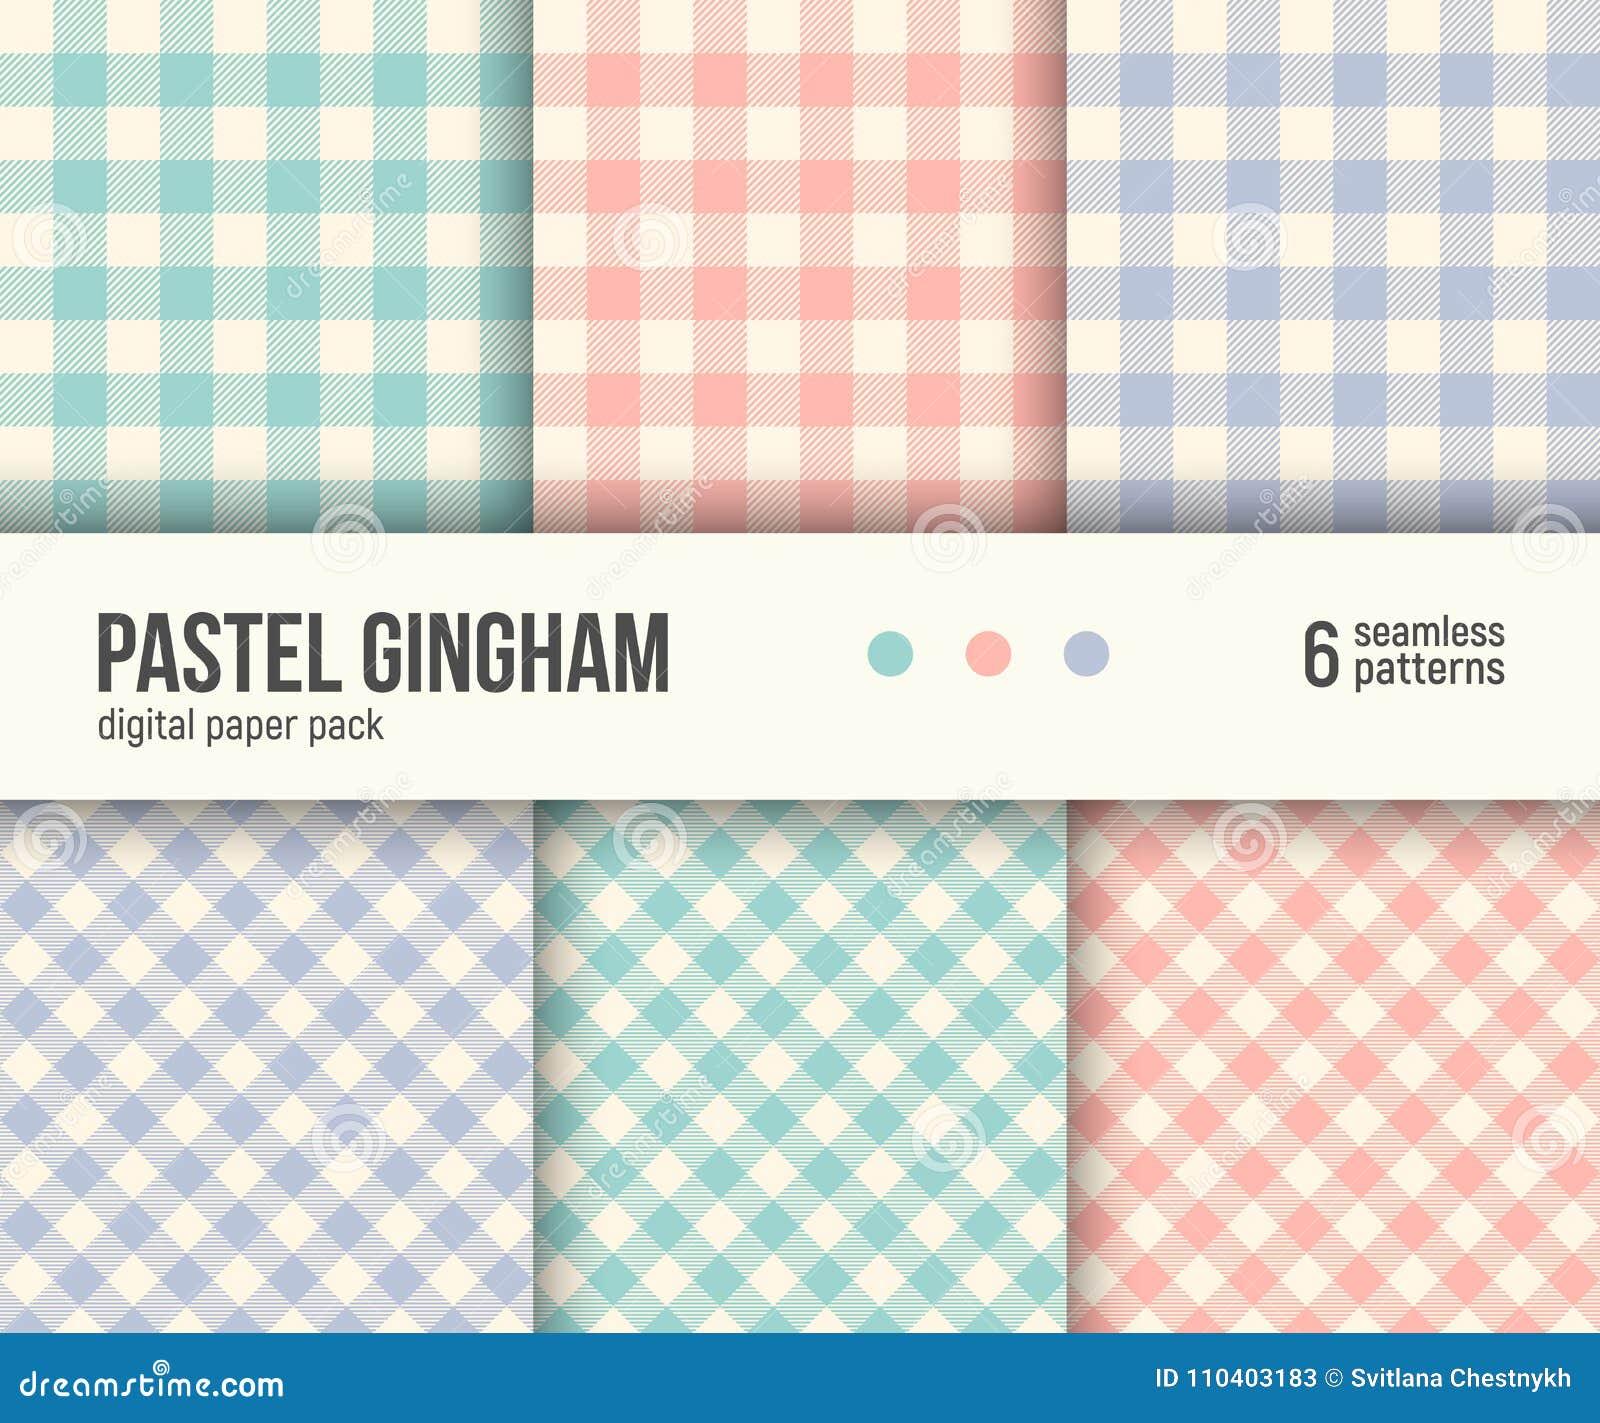 Pacchetto di carta di Digital, 6 modelli tradizionali del percalle, colori pastelli